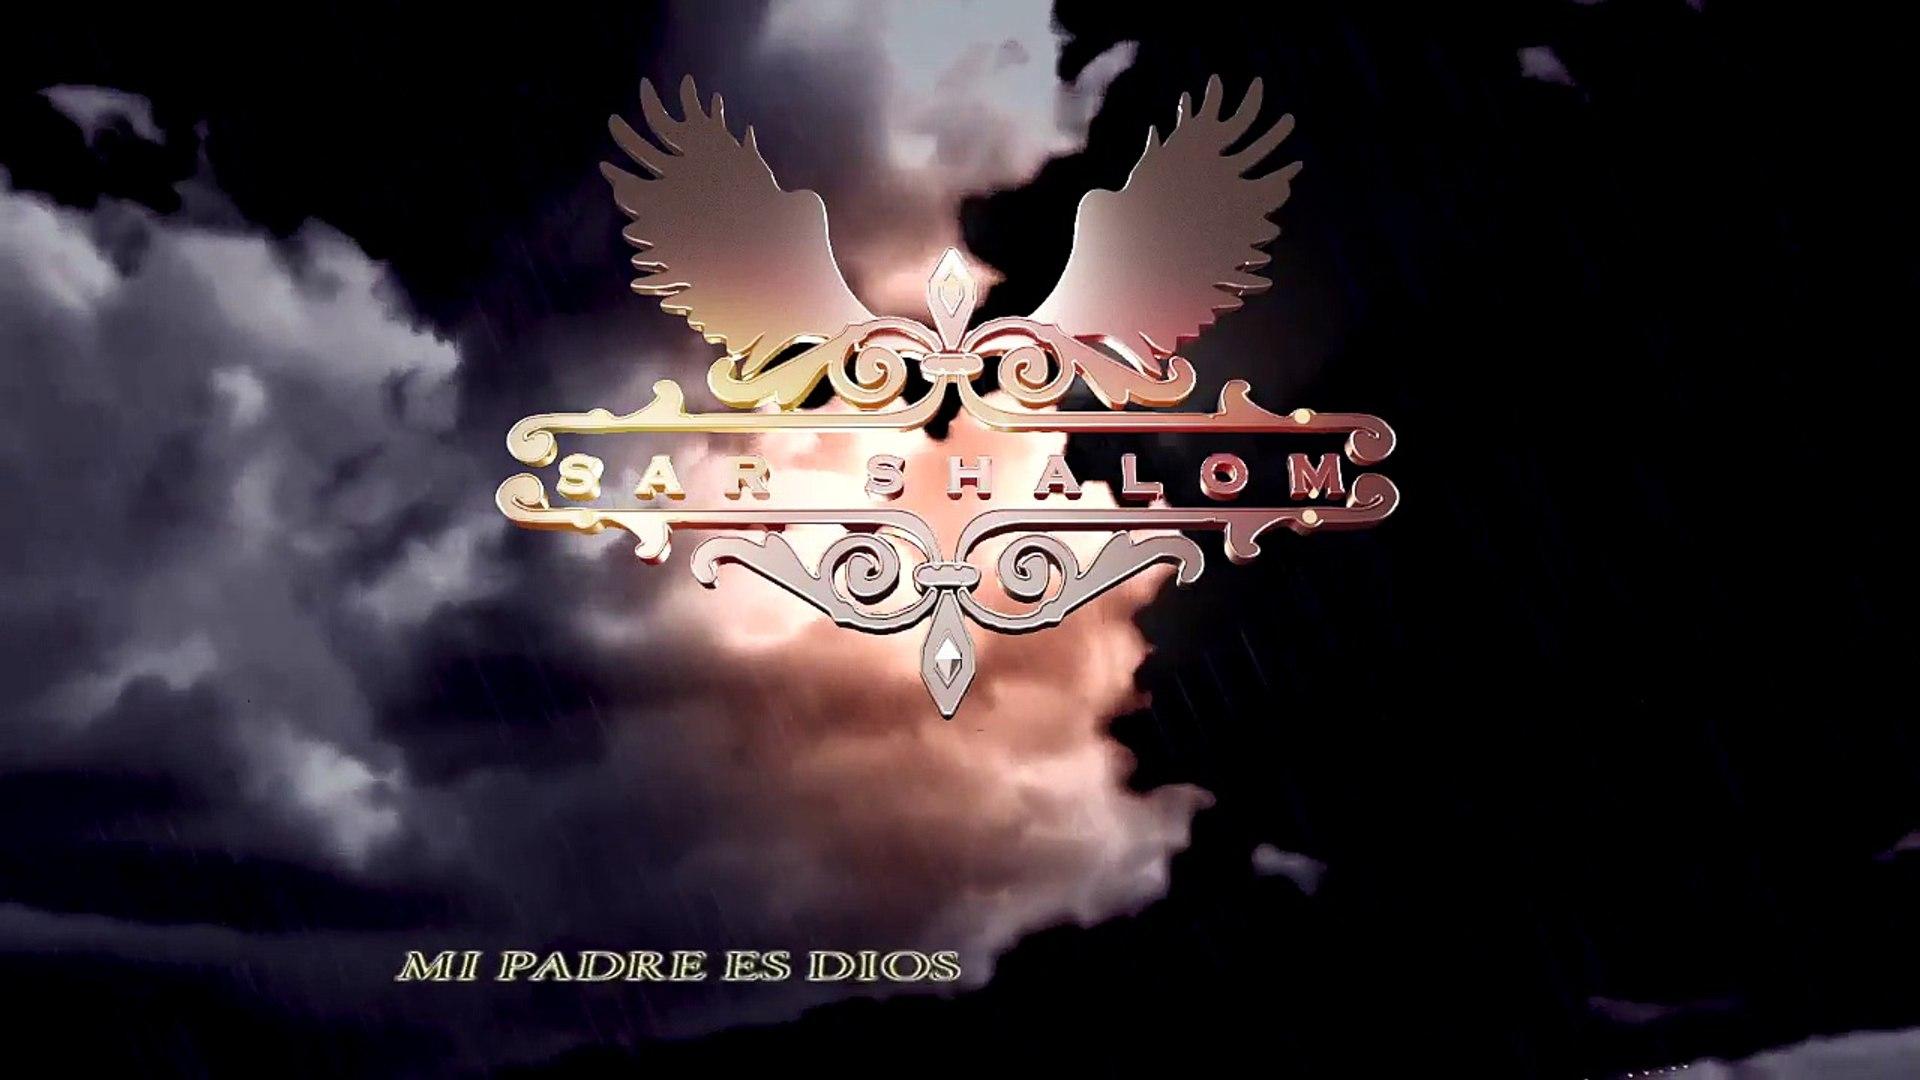 CARROS DEL FARAÓN- Sar Shalom- Heavy Metal (Video Lyrics)